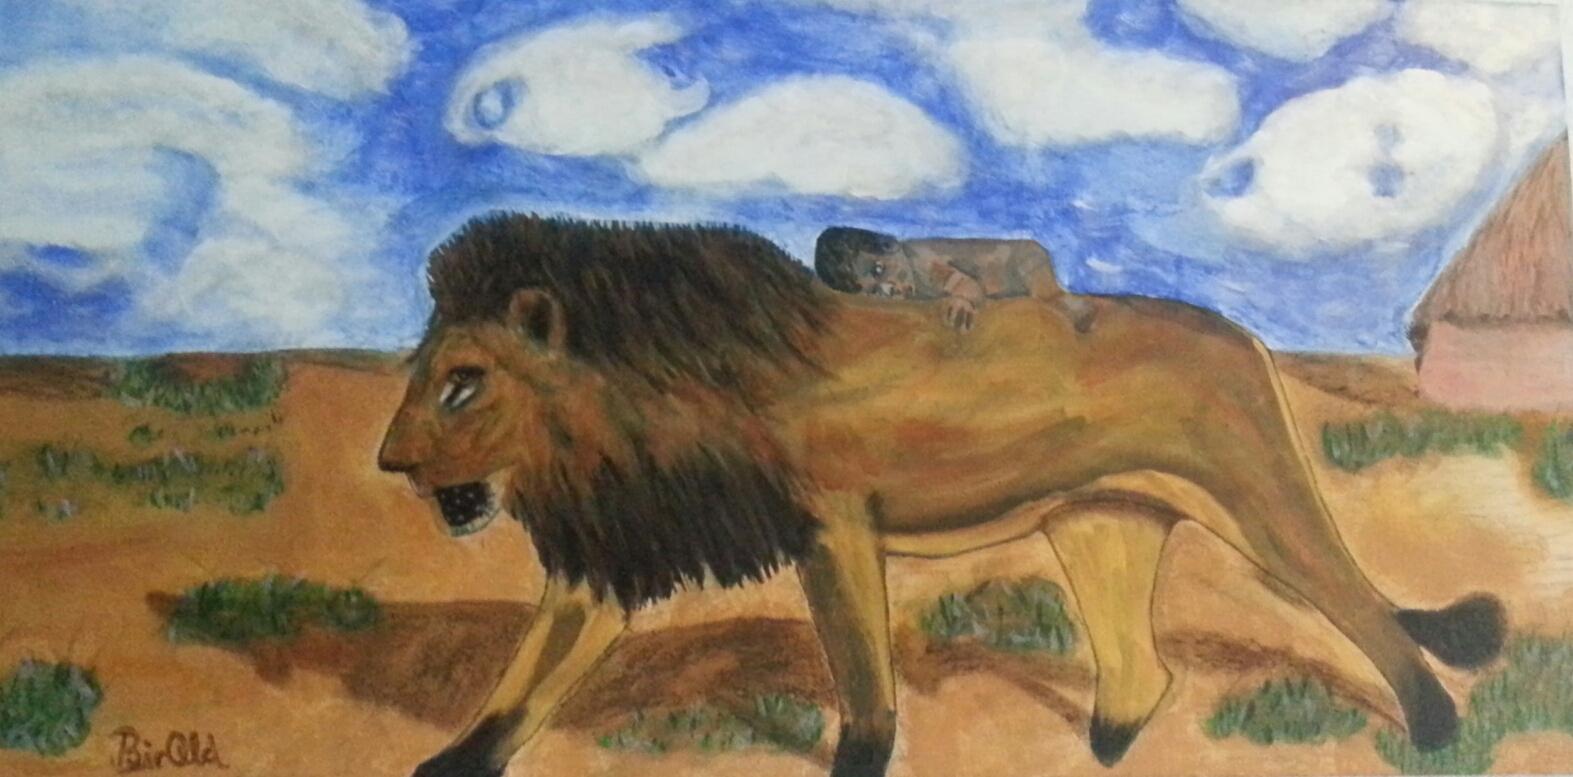 Dhakyra, Nuka und der Löwe